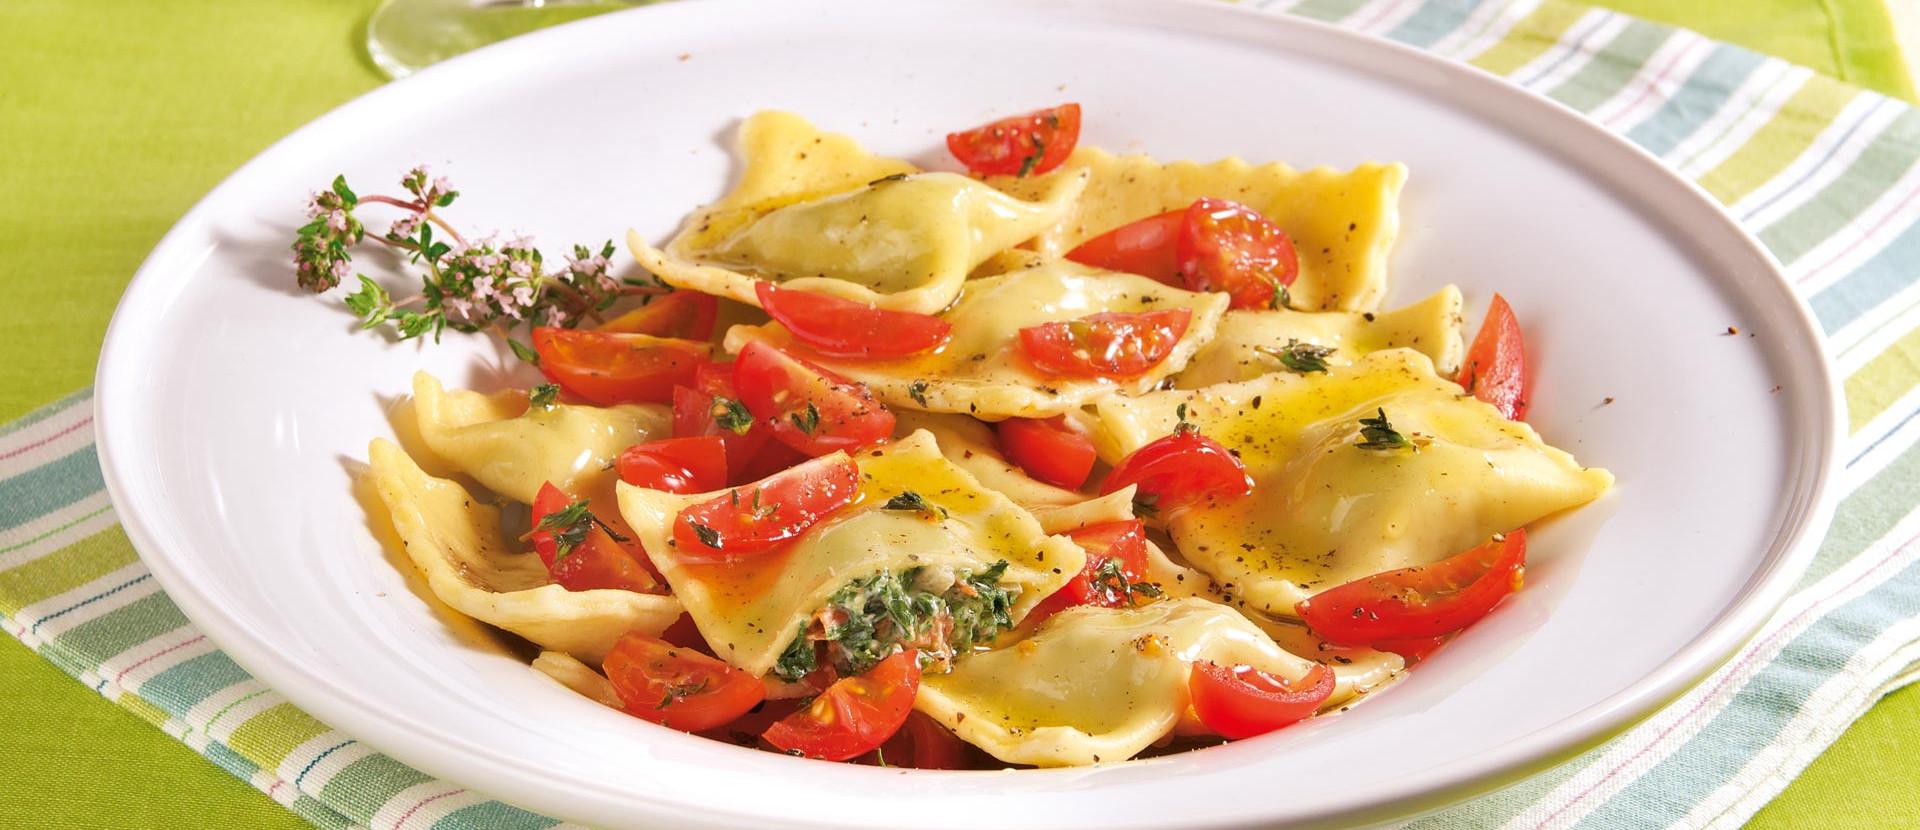 Tortelloni mit Spinat und Ziegenfrischkaese